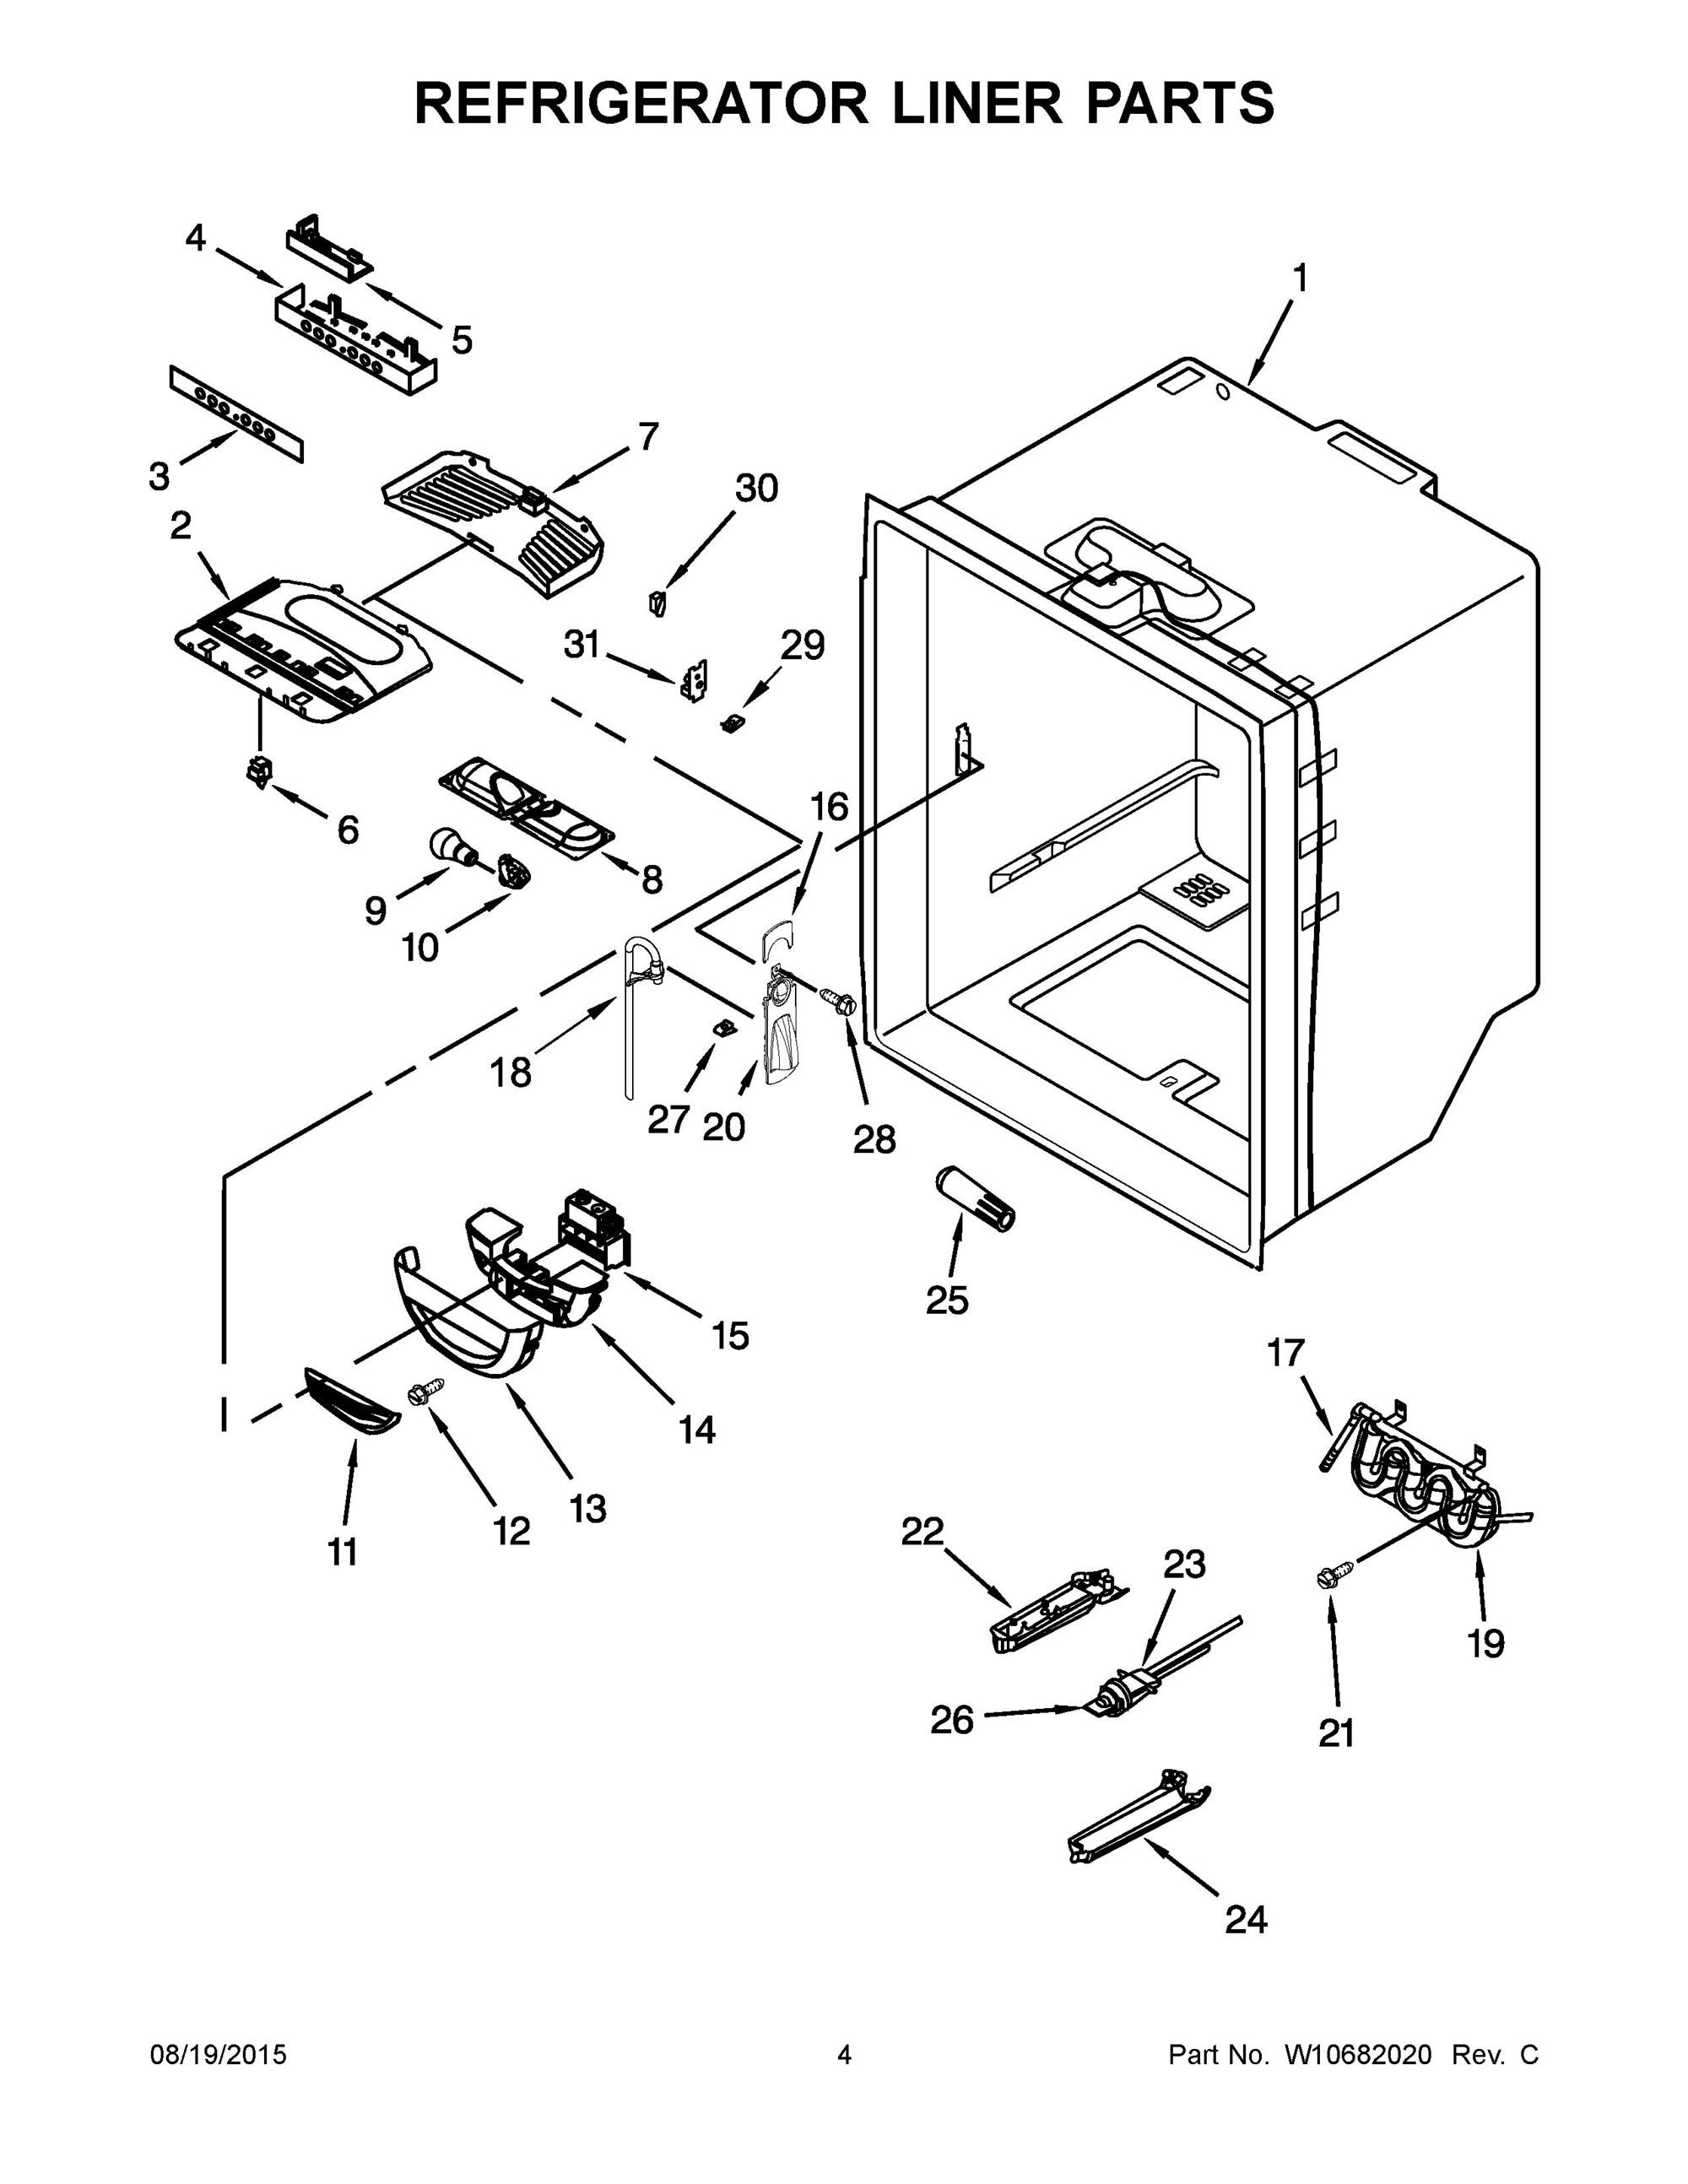 Kbfs20ecms00 Refrigerator Liner Parts Refrigerator